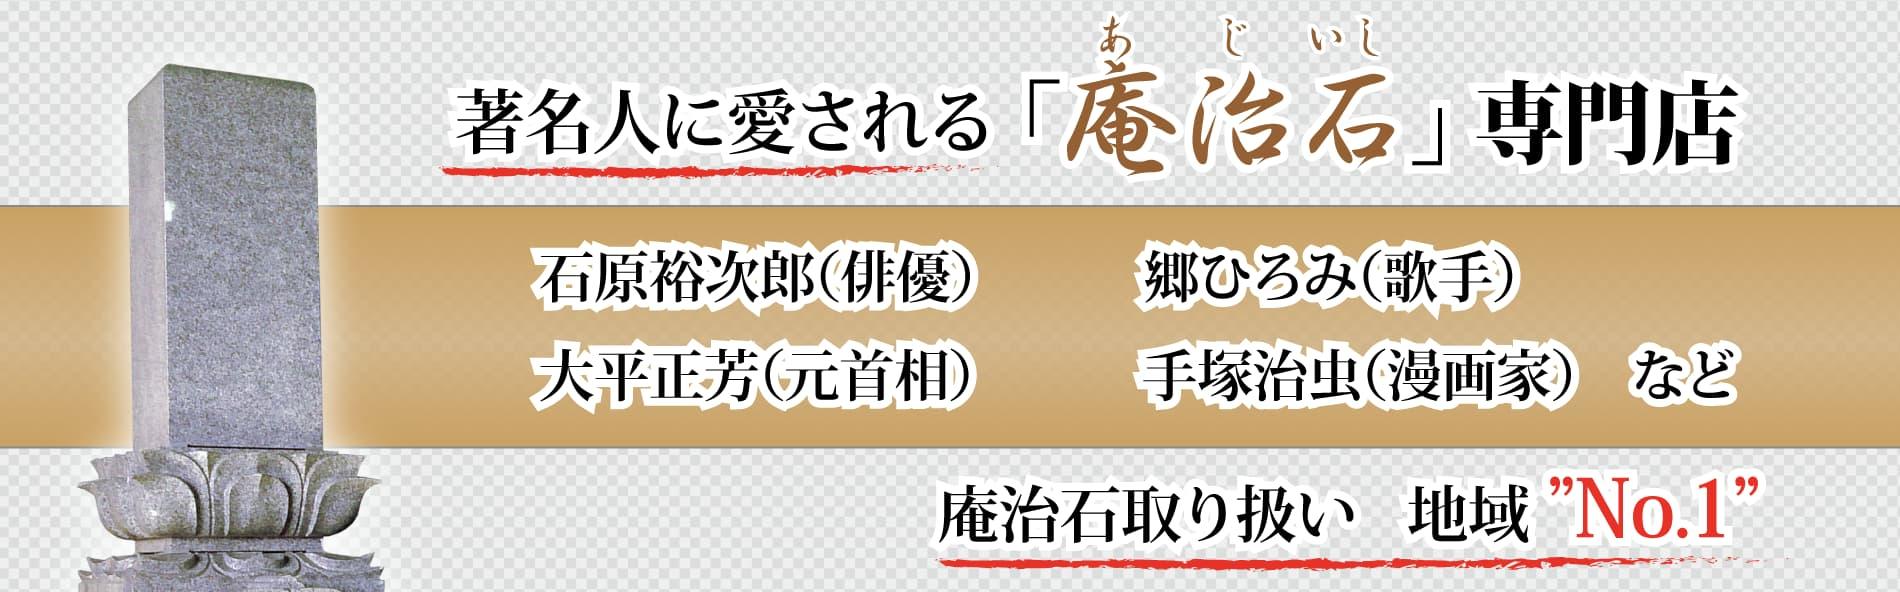 「庵治石」専門店